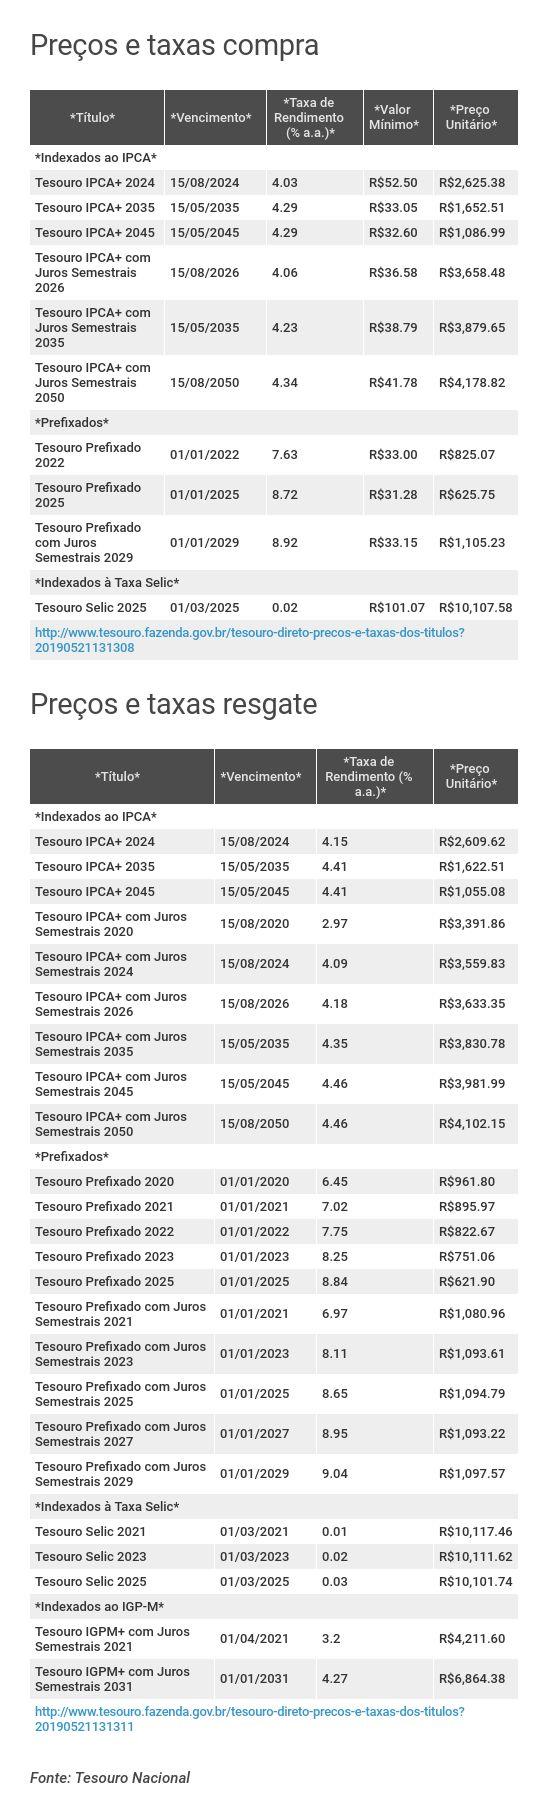 Preços e taxas do Tesouro Direto em 21 de maio de 2019 - abertura